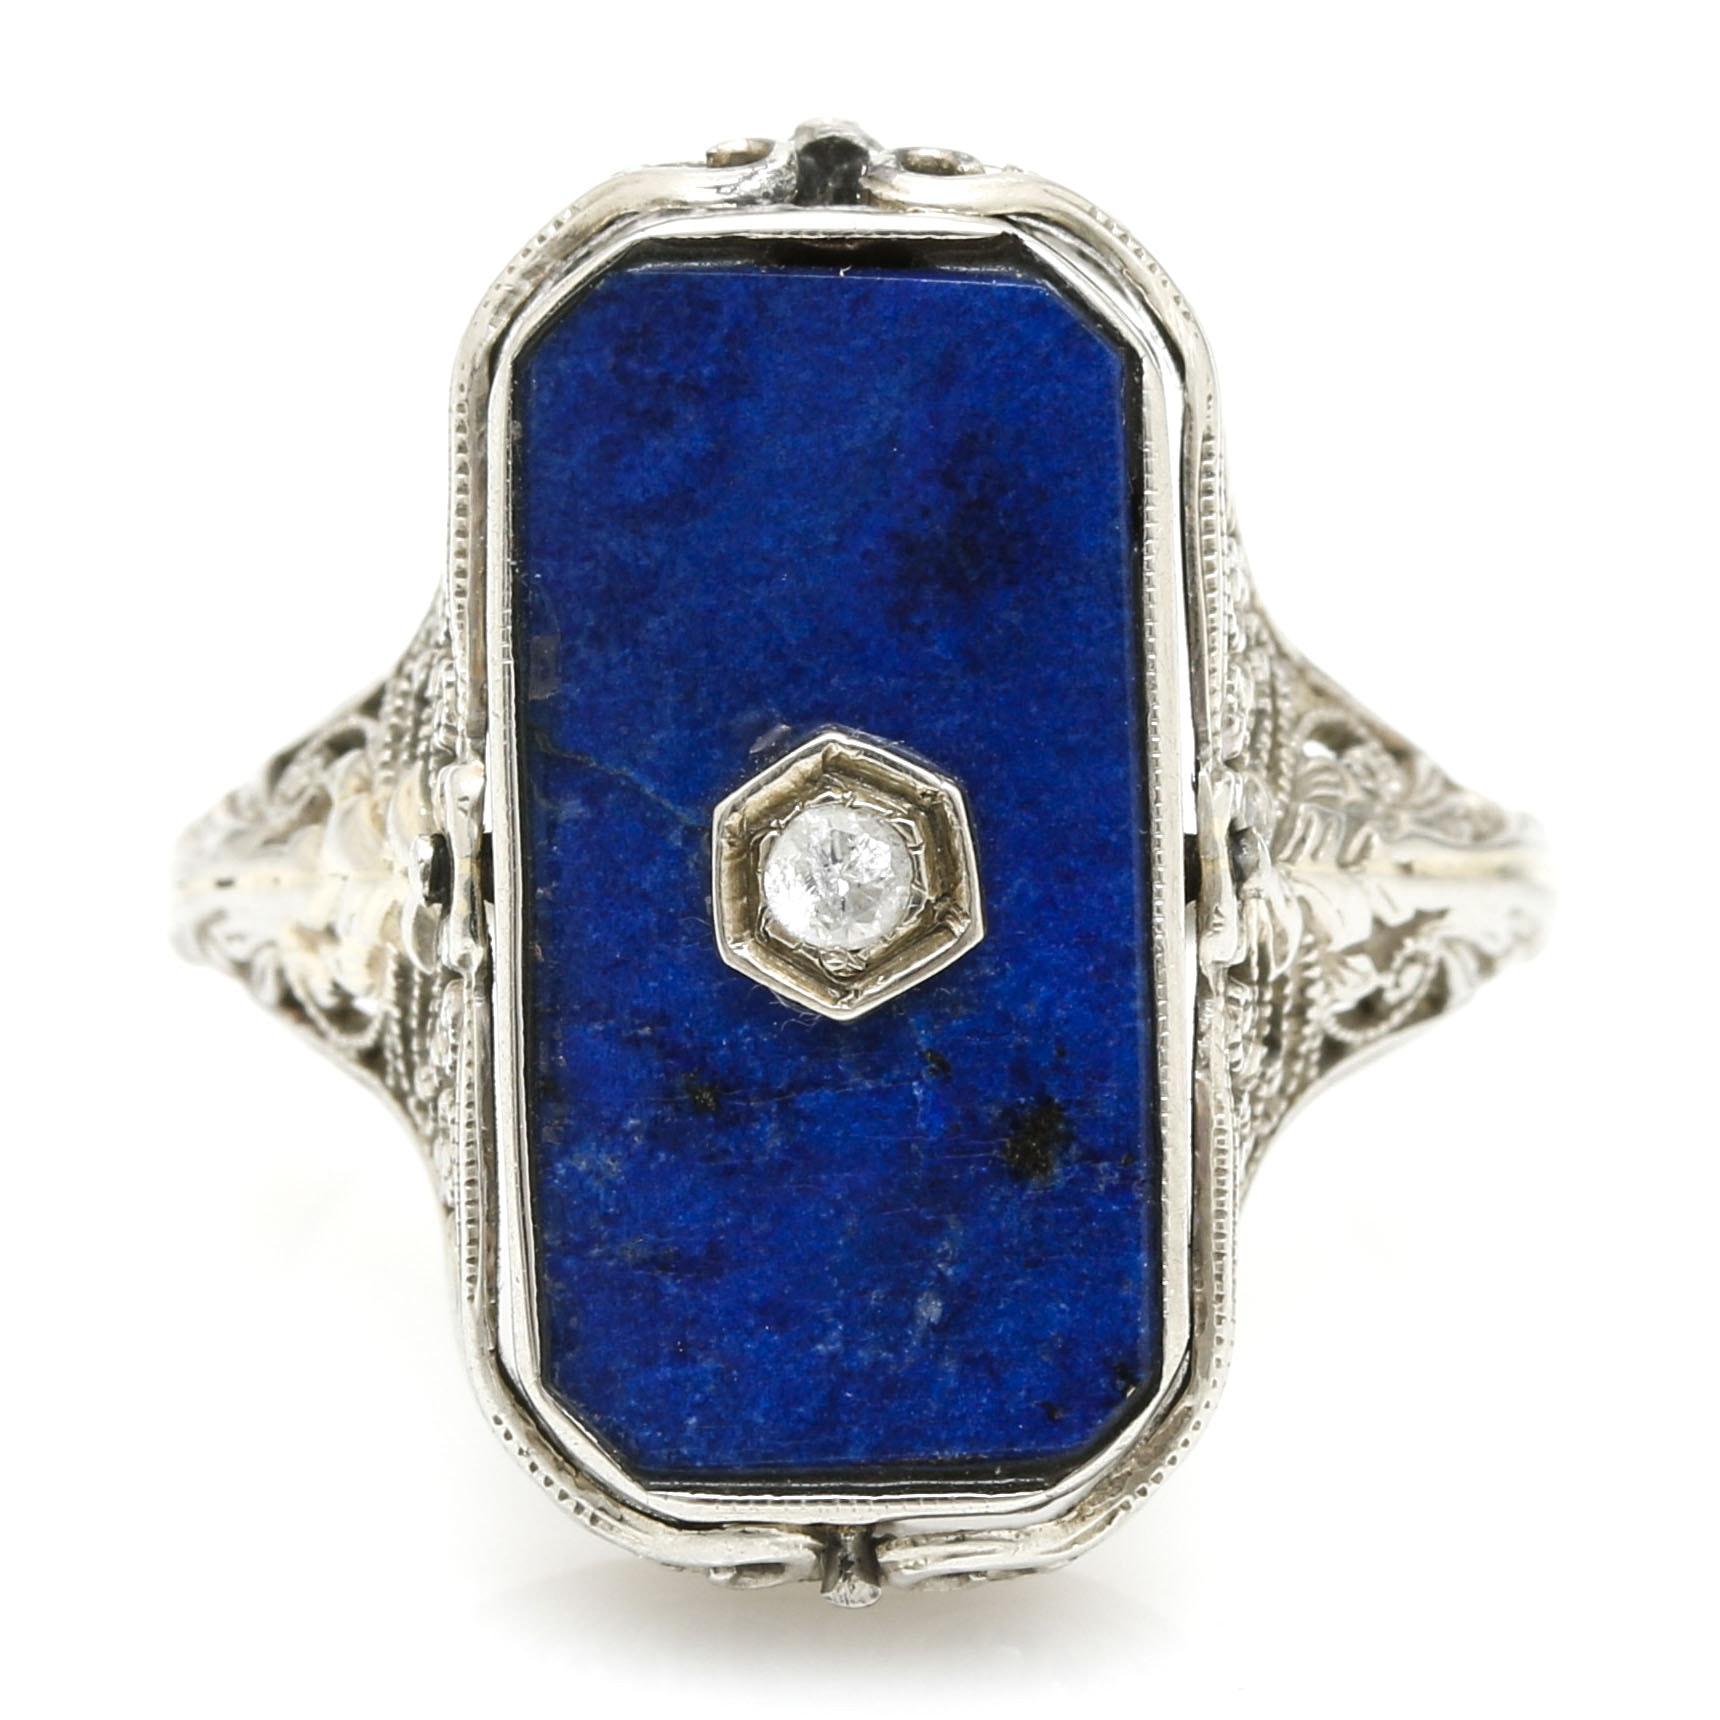 14K White Gold Lapis Lazuli, Onyx, and Diamond Ring